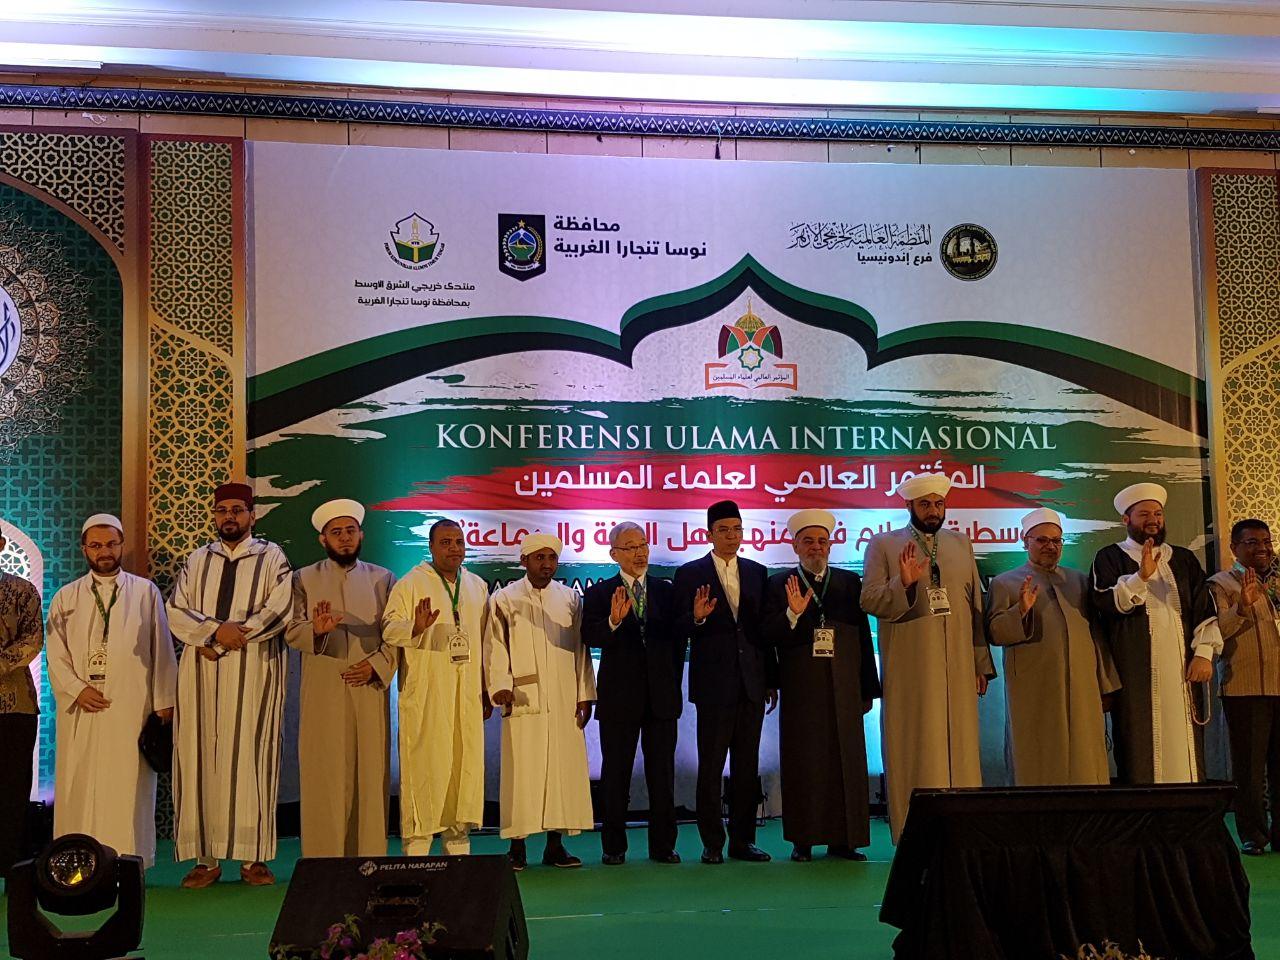 Pimpinan Darul Ijabah Menghadiri Konferensi Ulama Internasional